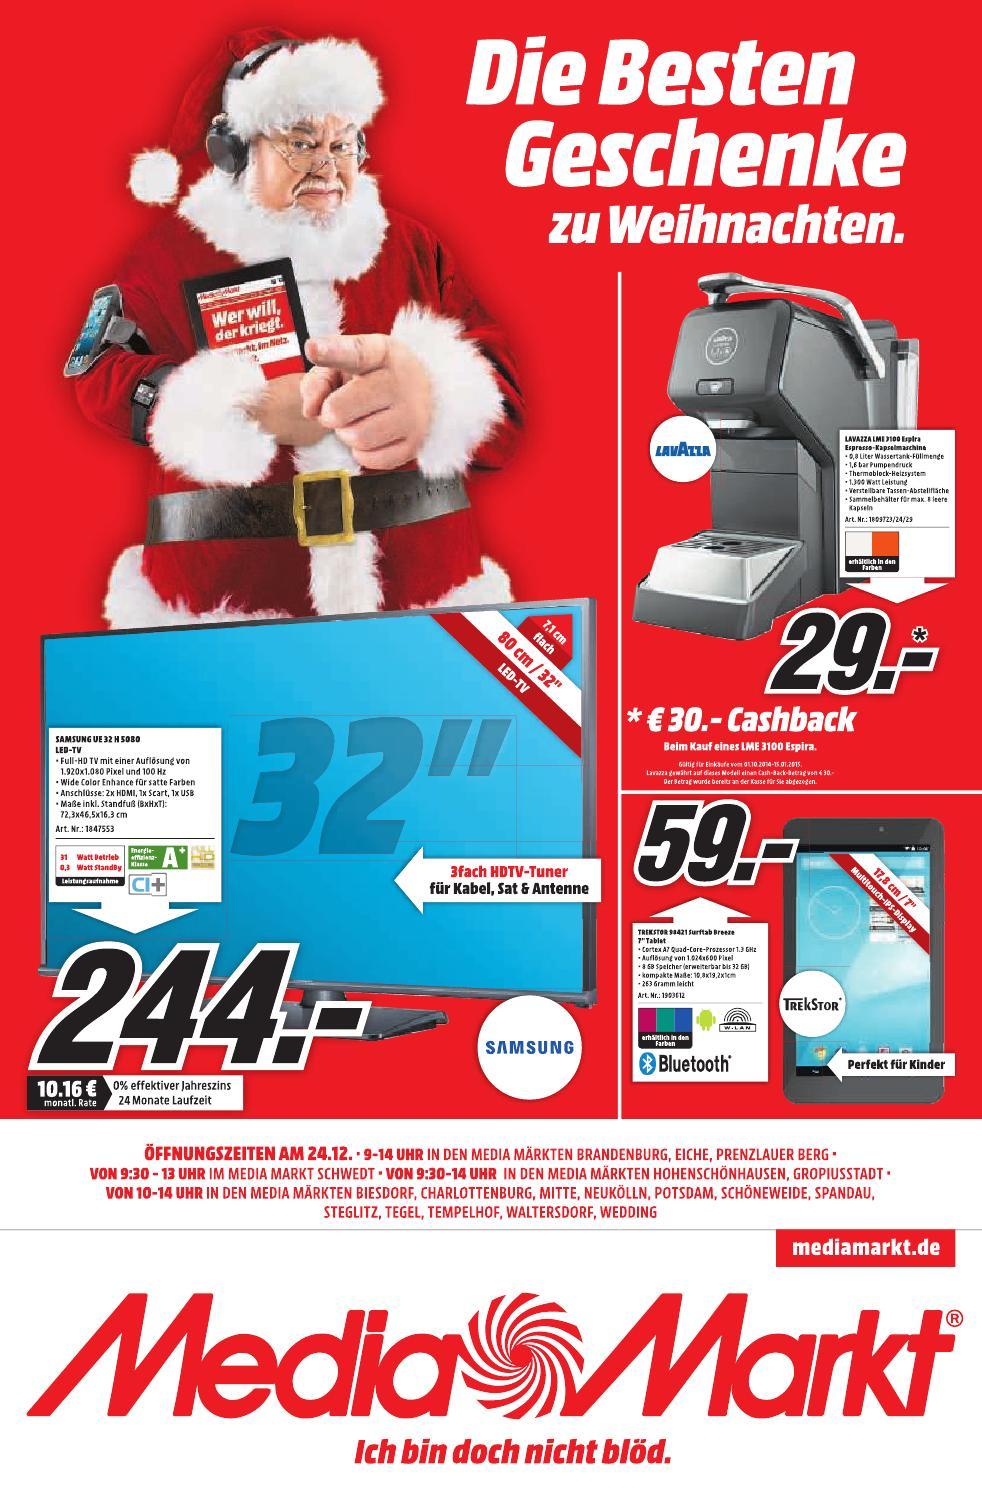 mediamarkt die besten geschenke zu weihnachten by berlin